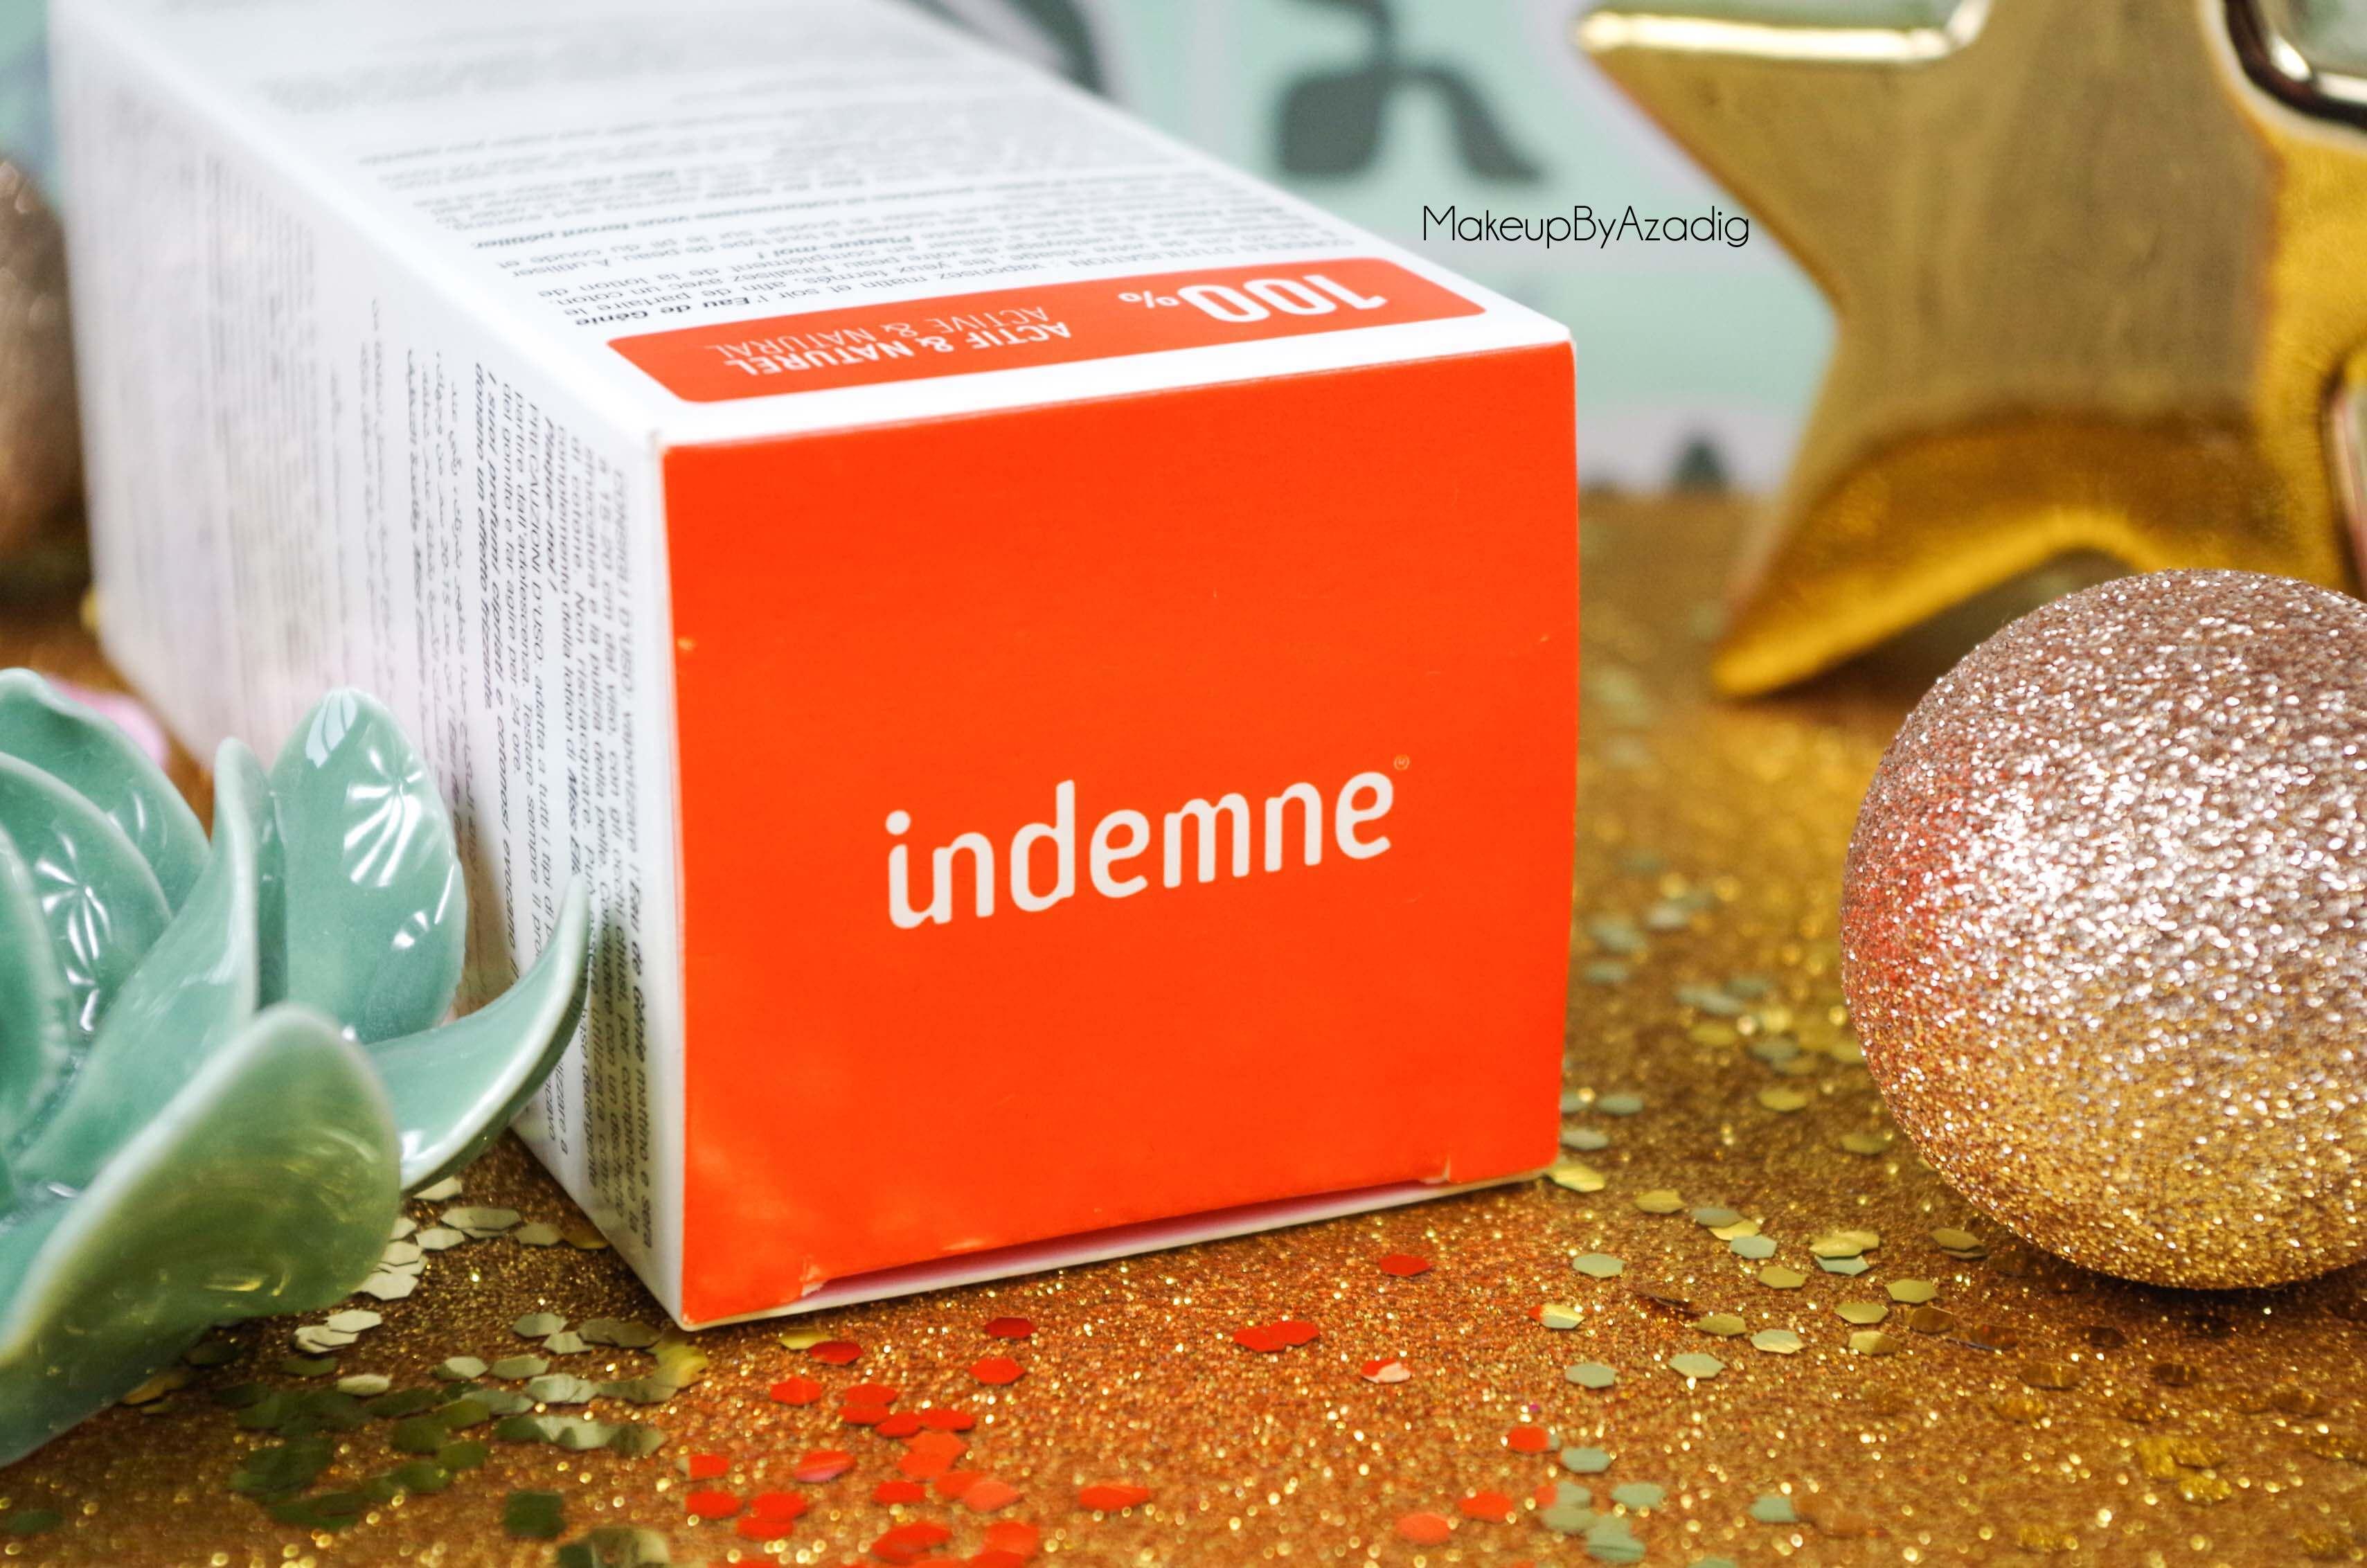 review-lotion-tonique-eau-de-genie-indemne-france-avis-prix-cosmetique-bio-produit-naturel-makeupbyazadig-marque